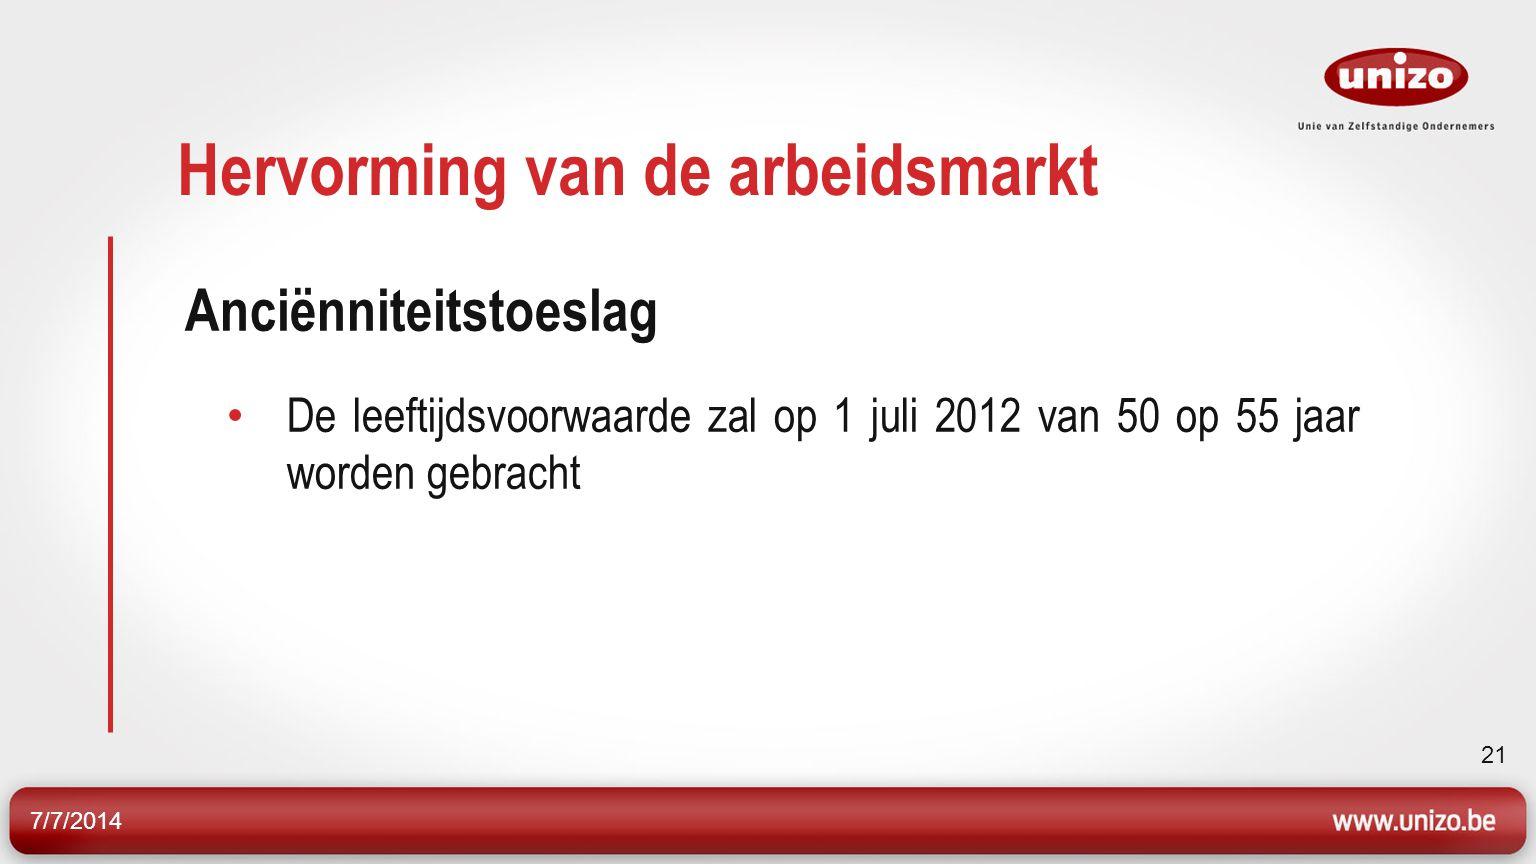 7/7/2014 22 Hervorming van de arbeidsmarkt 2.